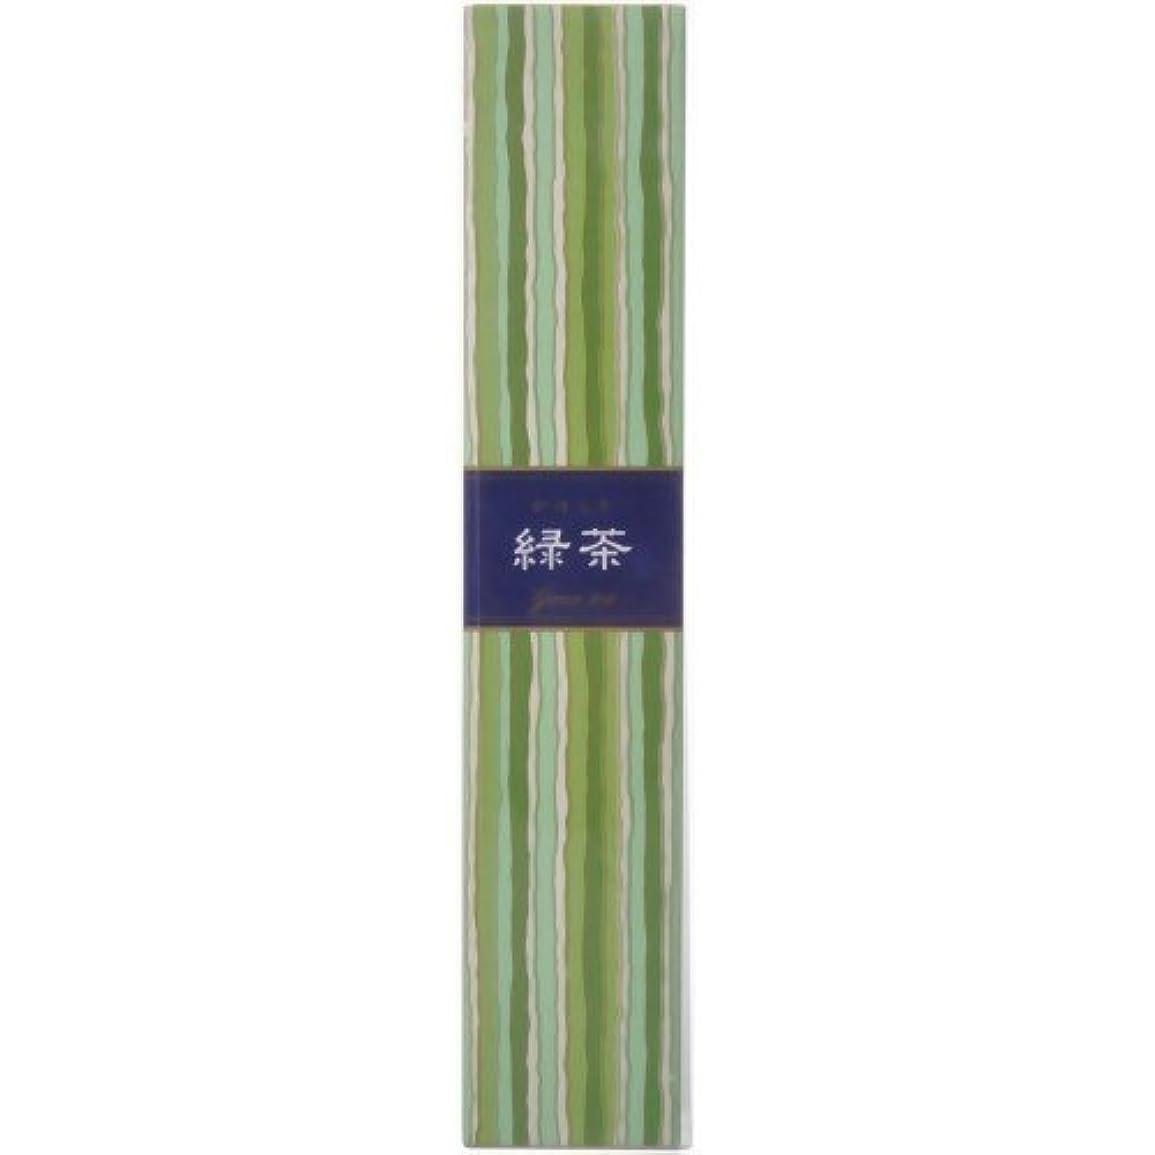 遺産微妙強要【セット品】かゆらぎ 緑茶 スティック40本入 香立付 ×3個